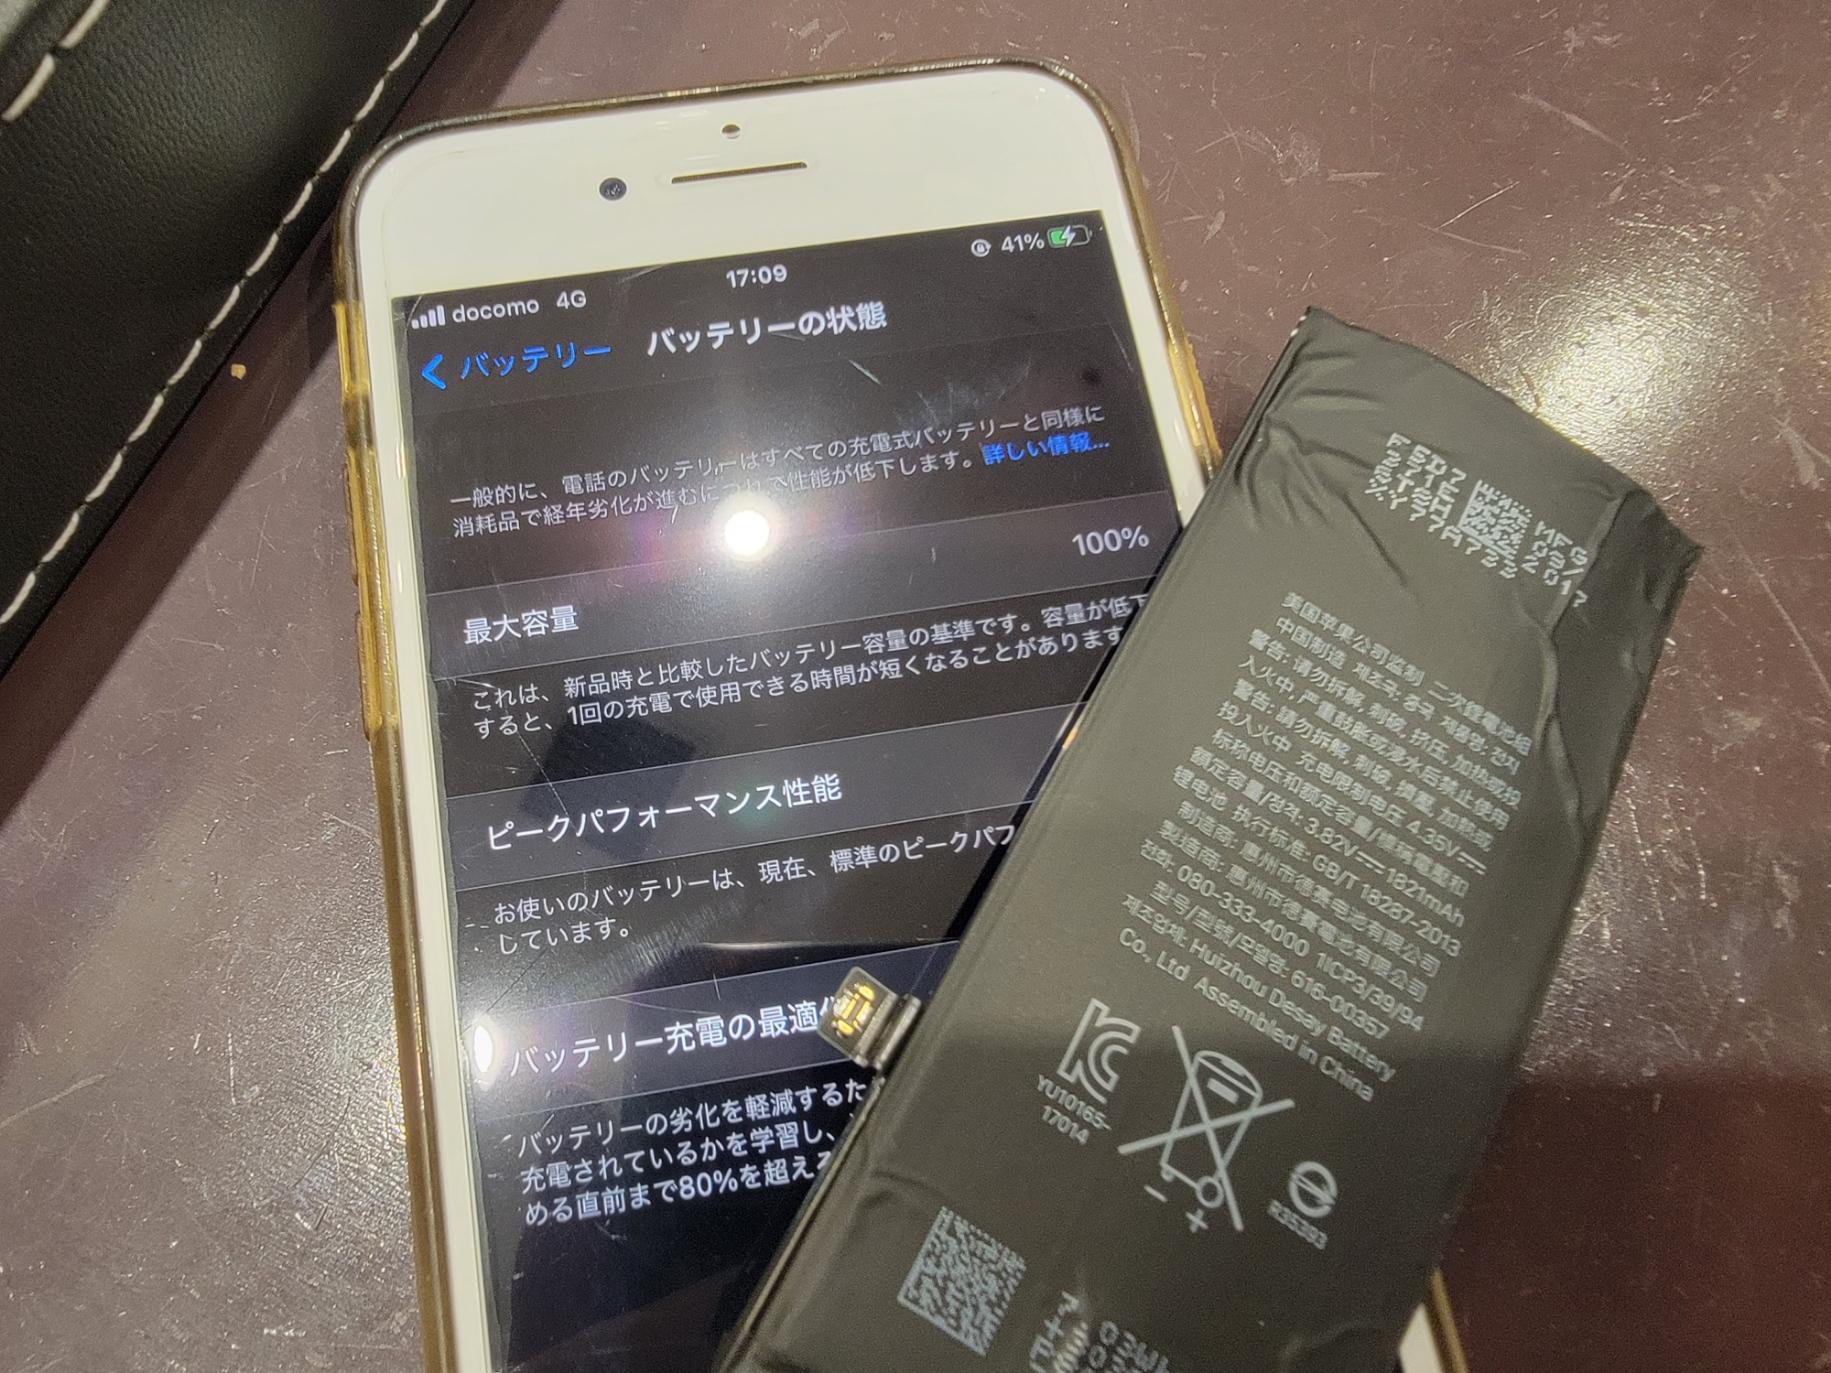 iPhoneの電池の減りが早いですか??もしかしたらバッテリーが劣化してるかもしれません!